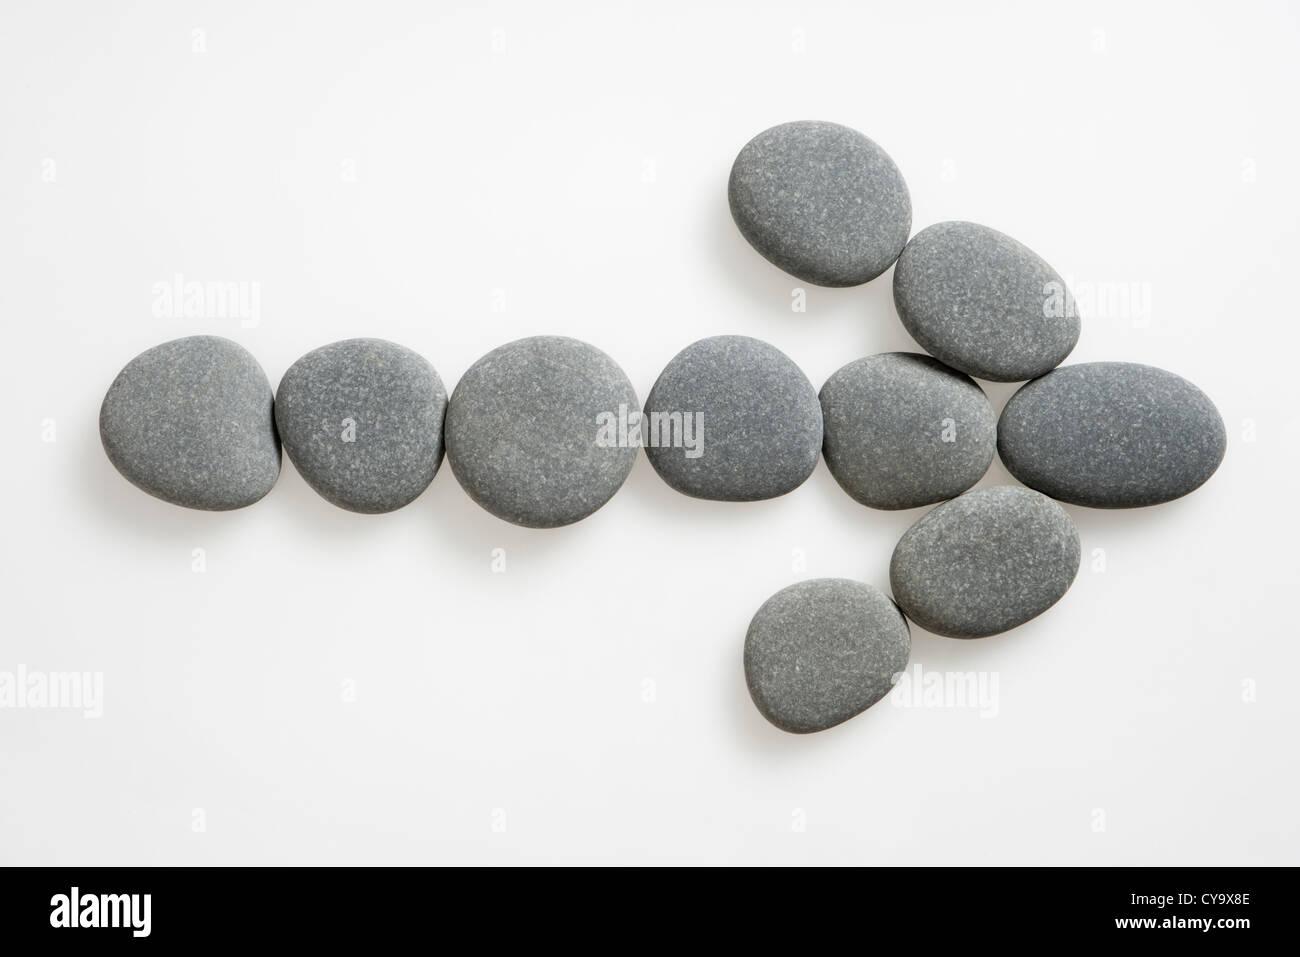 Arrow of stones. - Stock Image